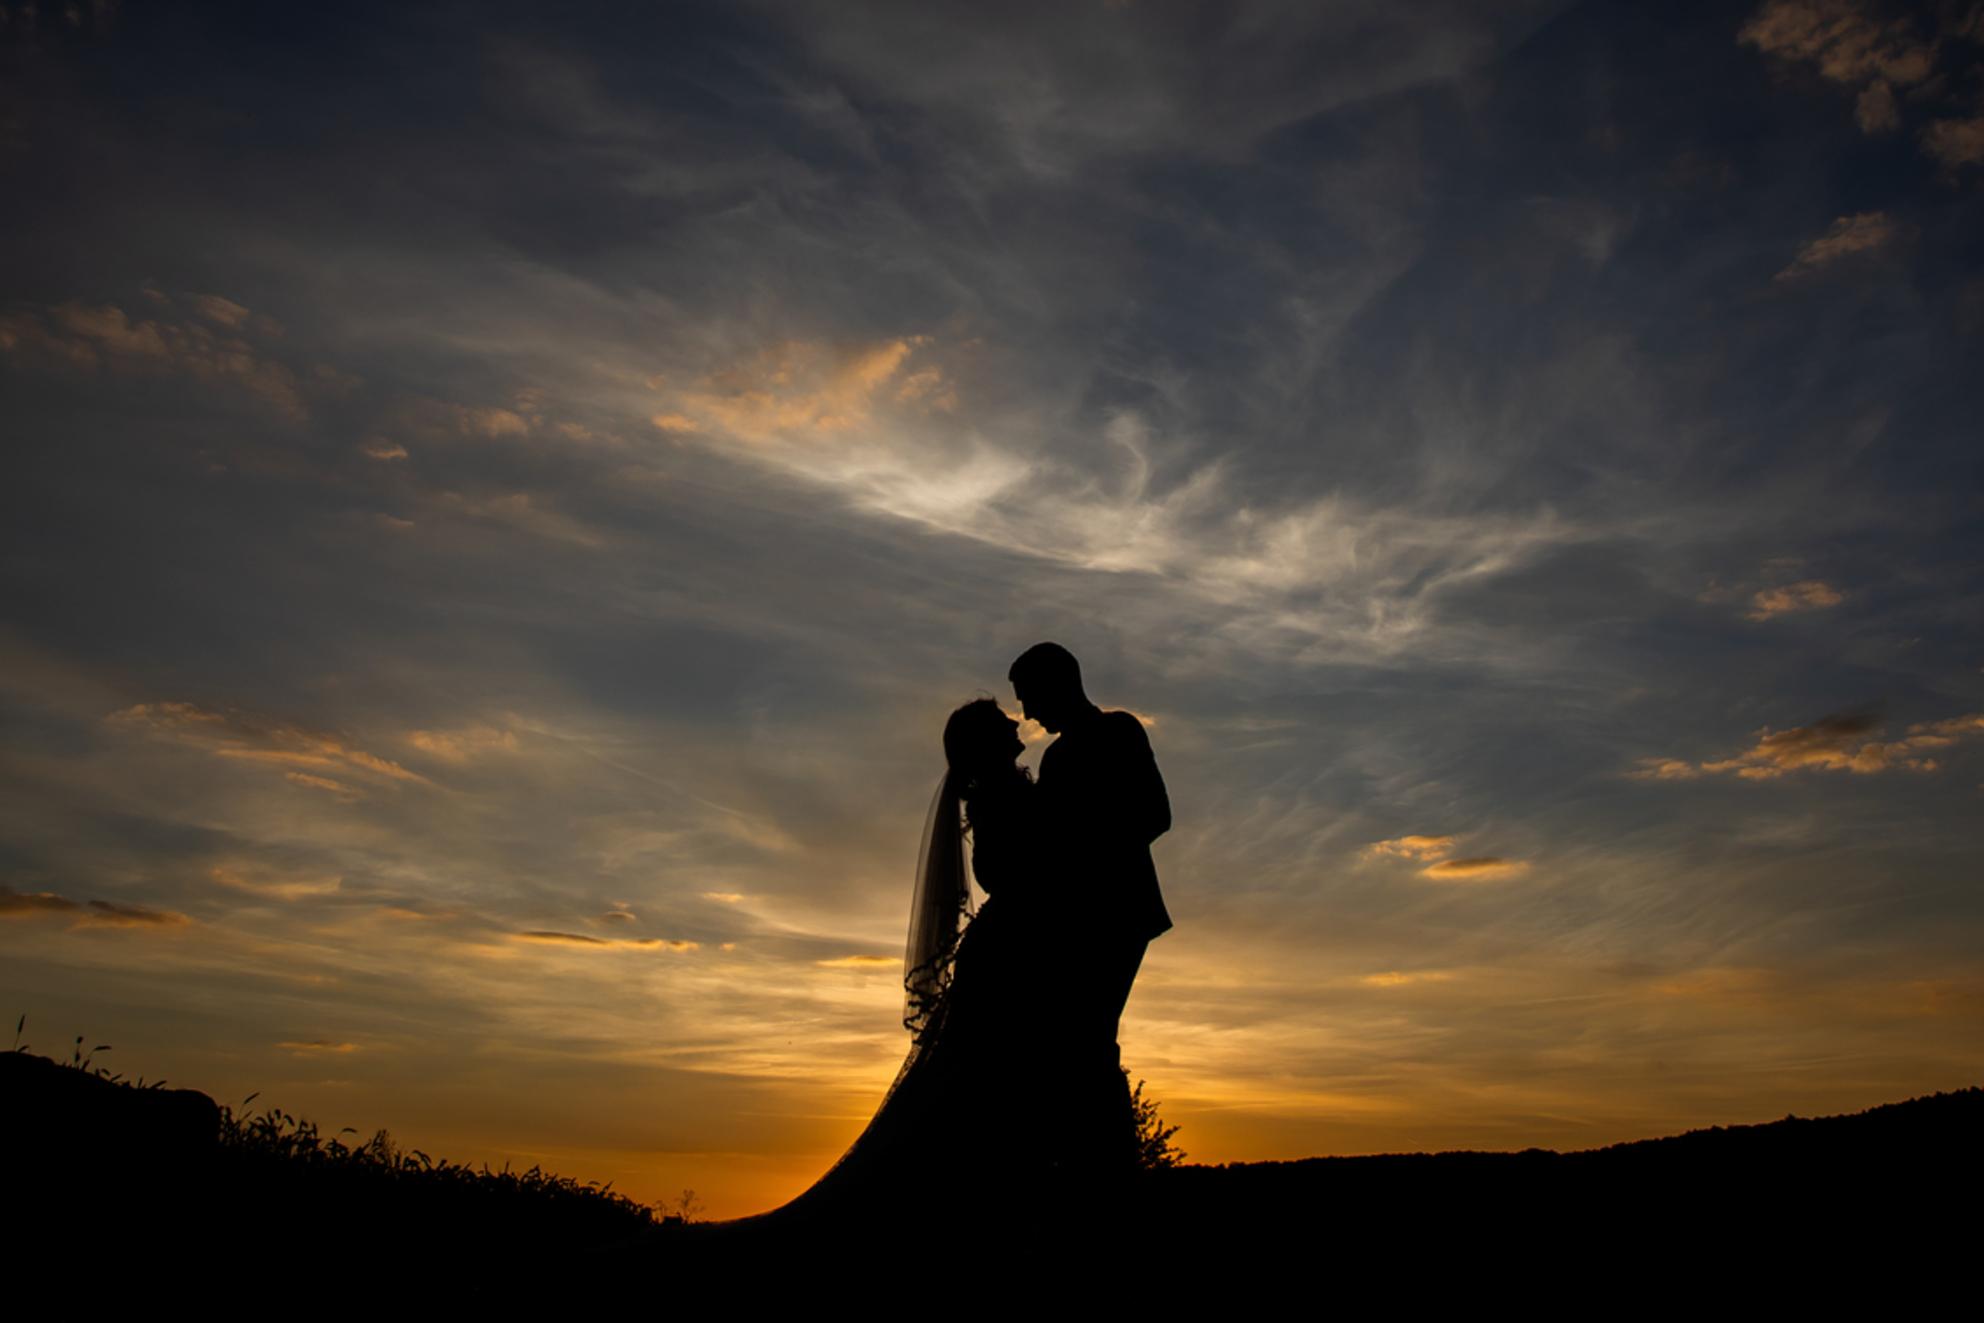 Avondzon in Frankrijk - - - foto door robinlooy op 15-02-2021 - deze foto bevat: lucht, wolken, zon, trouwen, avond, zonsondergang, silhouette, bruiloft, bruidspaar, bruidsfotograaf, trouwfotograaf, trrouwfotografie - Deze foto mag gebruikt worden in een Zoom.nl publicatie